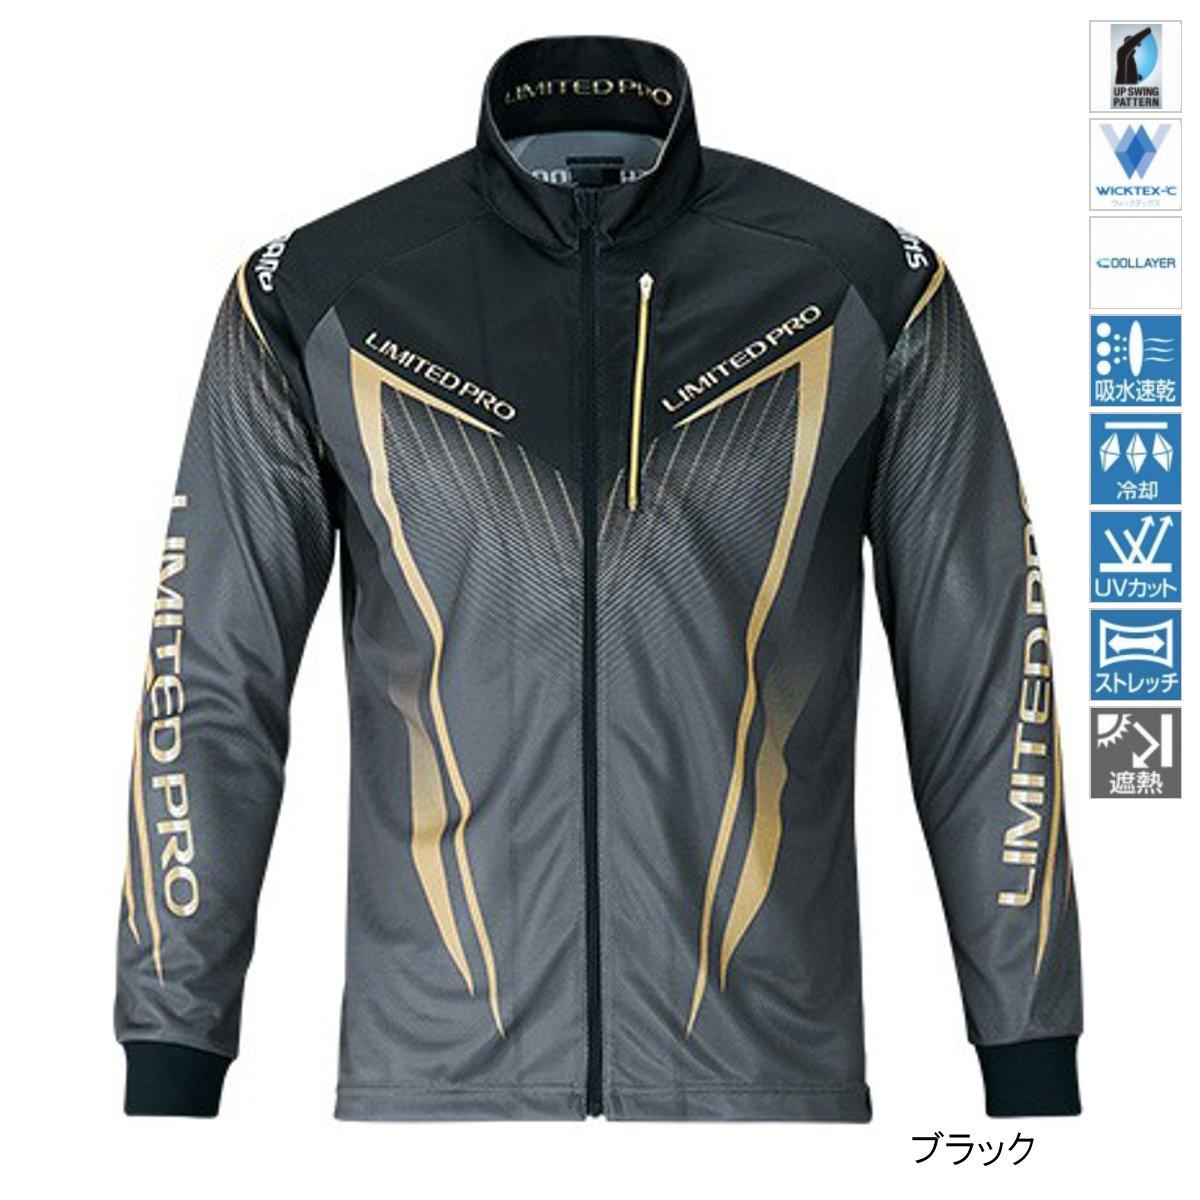 シマノ フルジップシャツLIMITED PRO(長袖) SH-011S XL ブラック